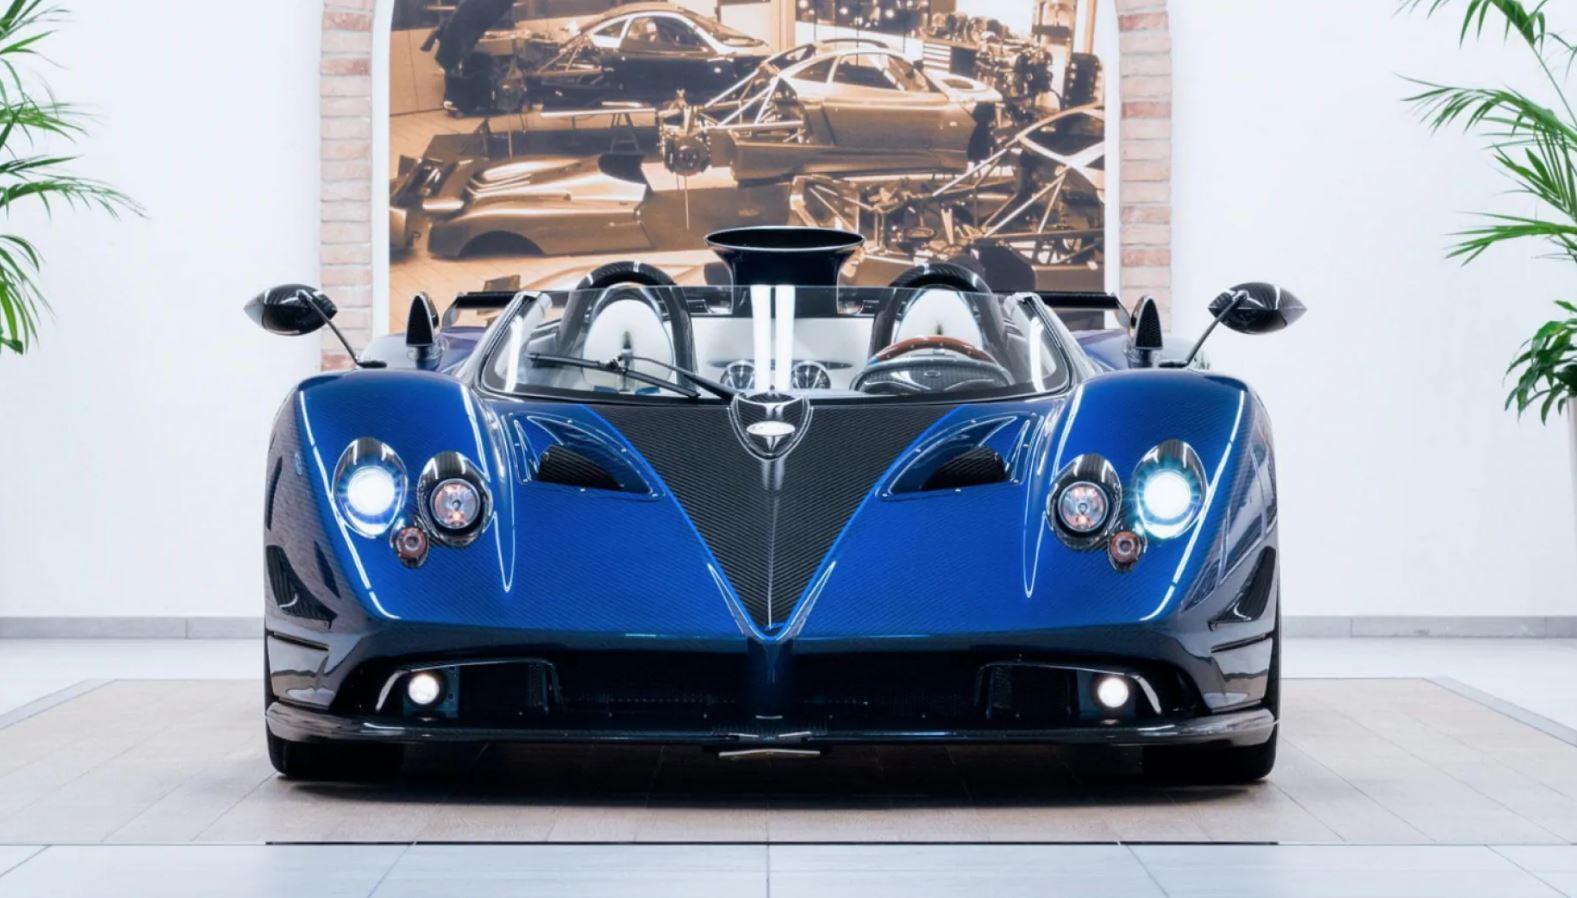 Meet The 17 5 Million Dollar Pagani Zonda Hp Barchetta Egypt Yallamotor